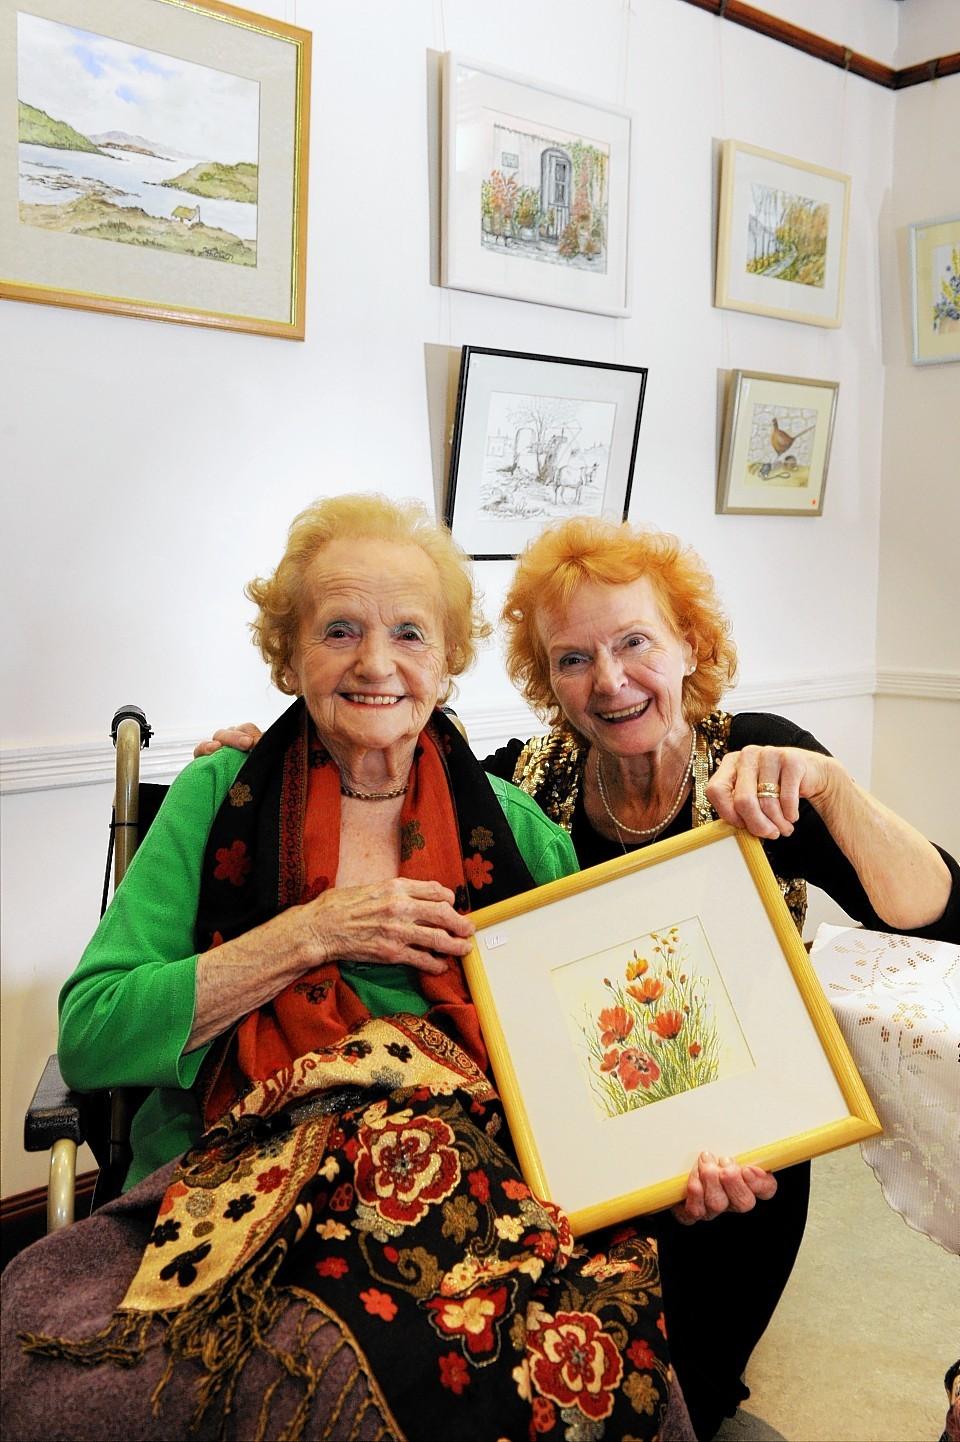 Hilda Grant and Elaine King